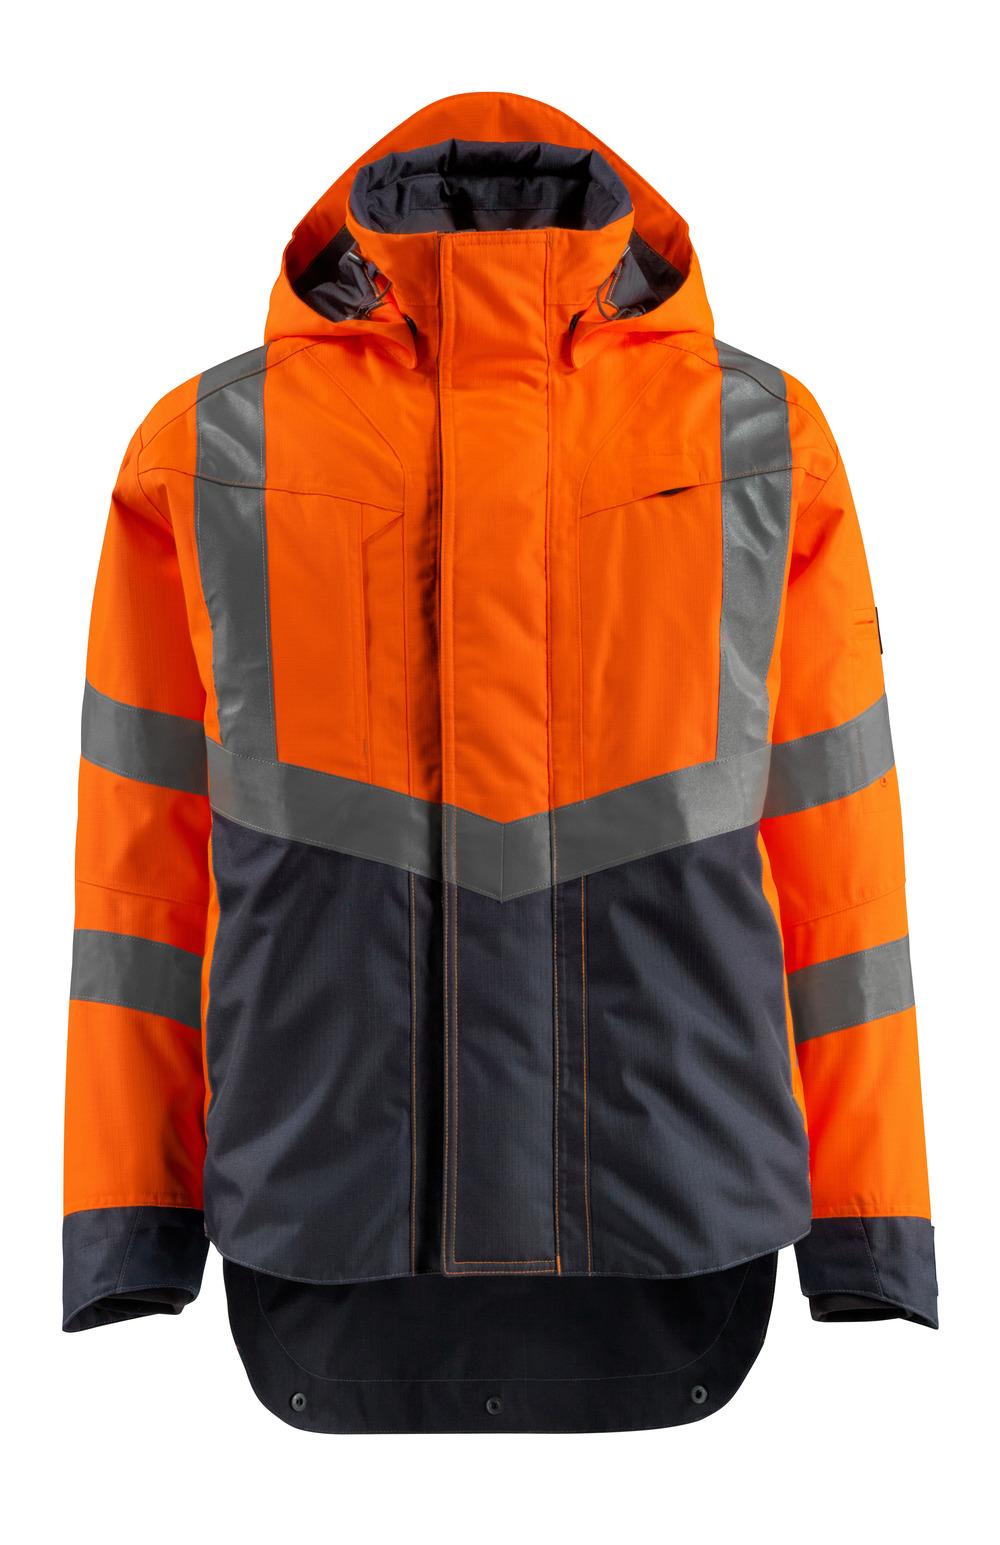 15501-231-14010 Kuoritakki - hi-vis oranssi/tumma laivastonsininen